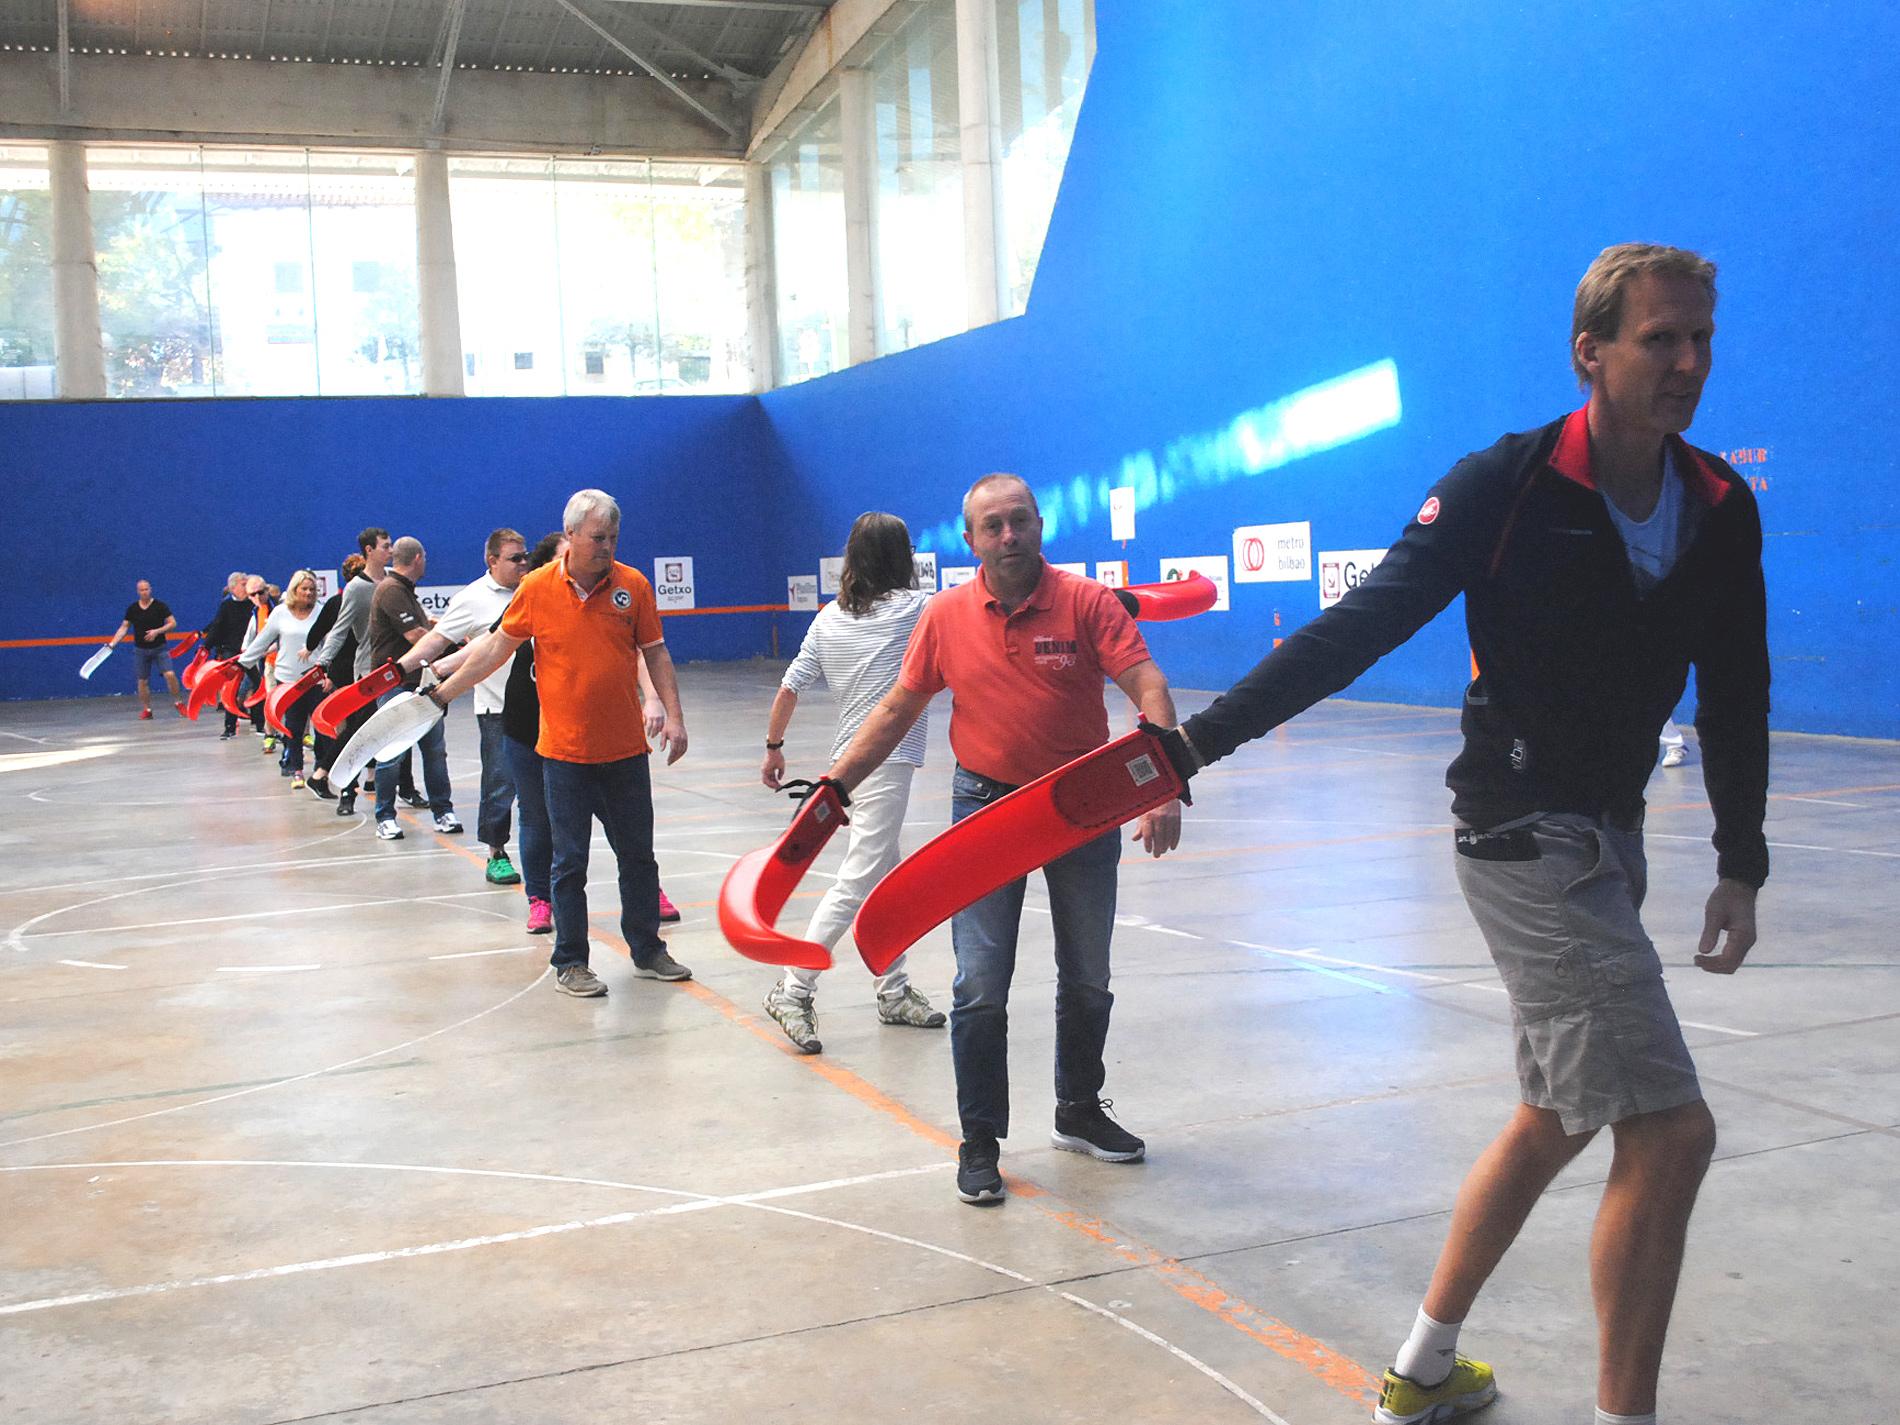 Pilota-Experience: Experiencia de pelota vasca tadicional